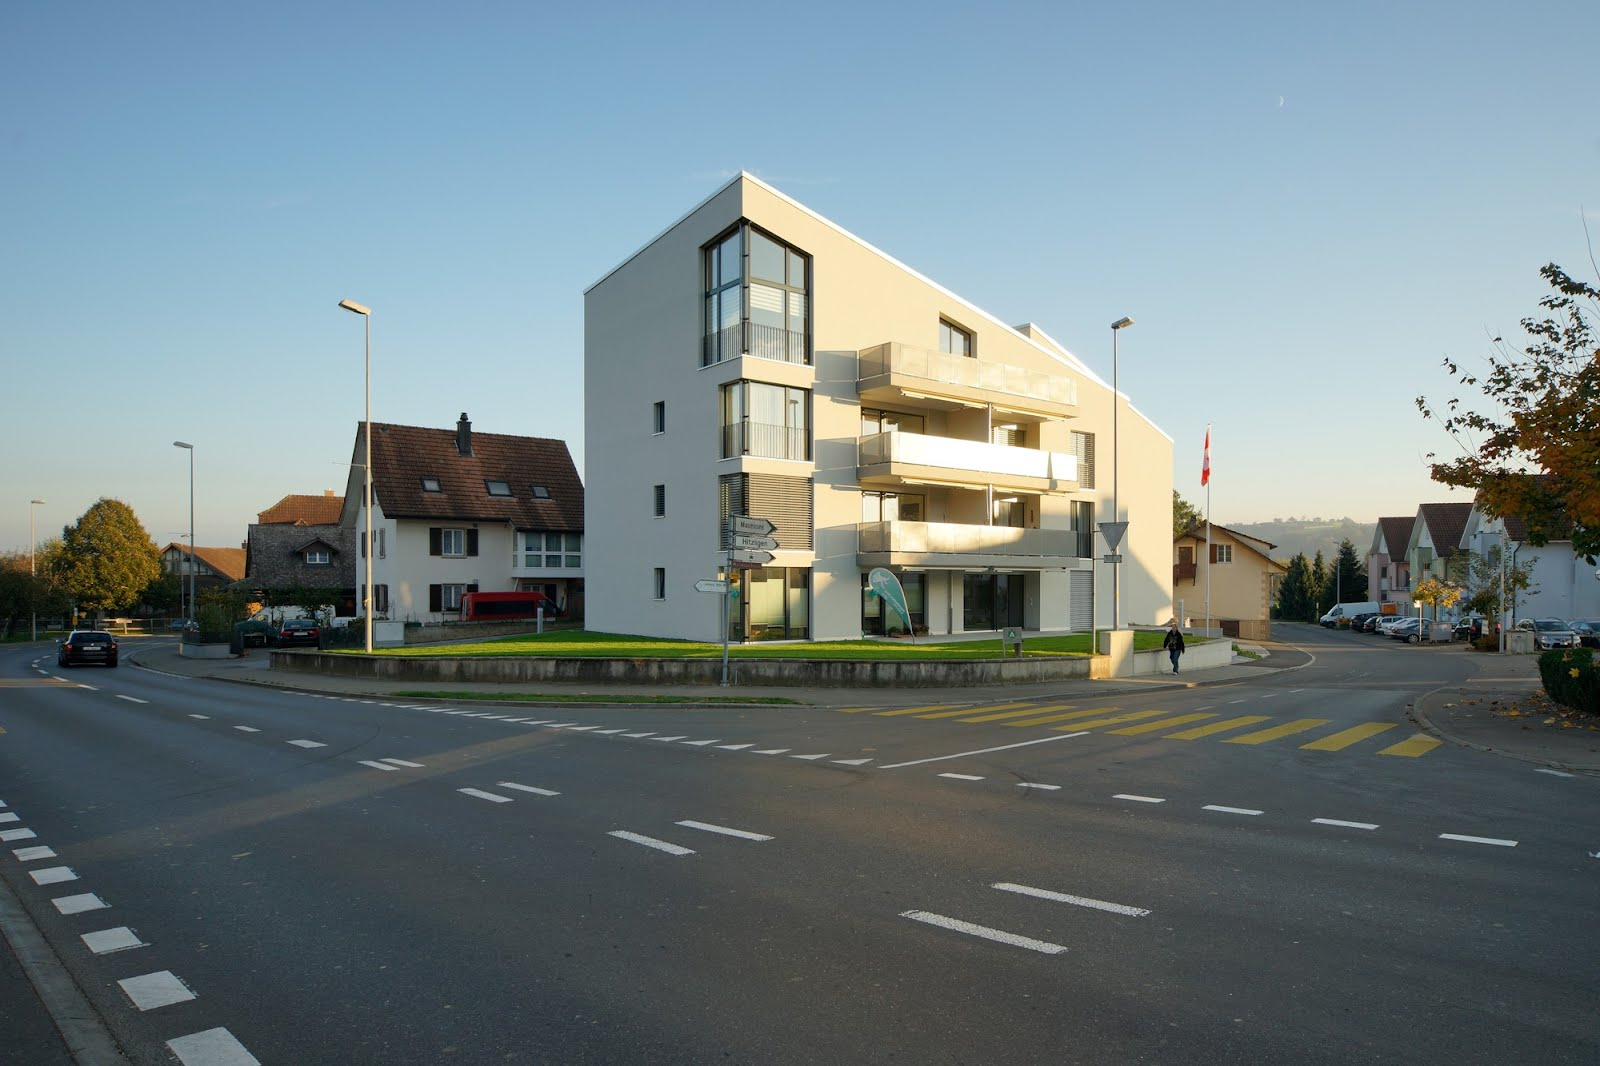 Gemini, St.-Erhard